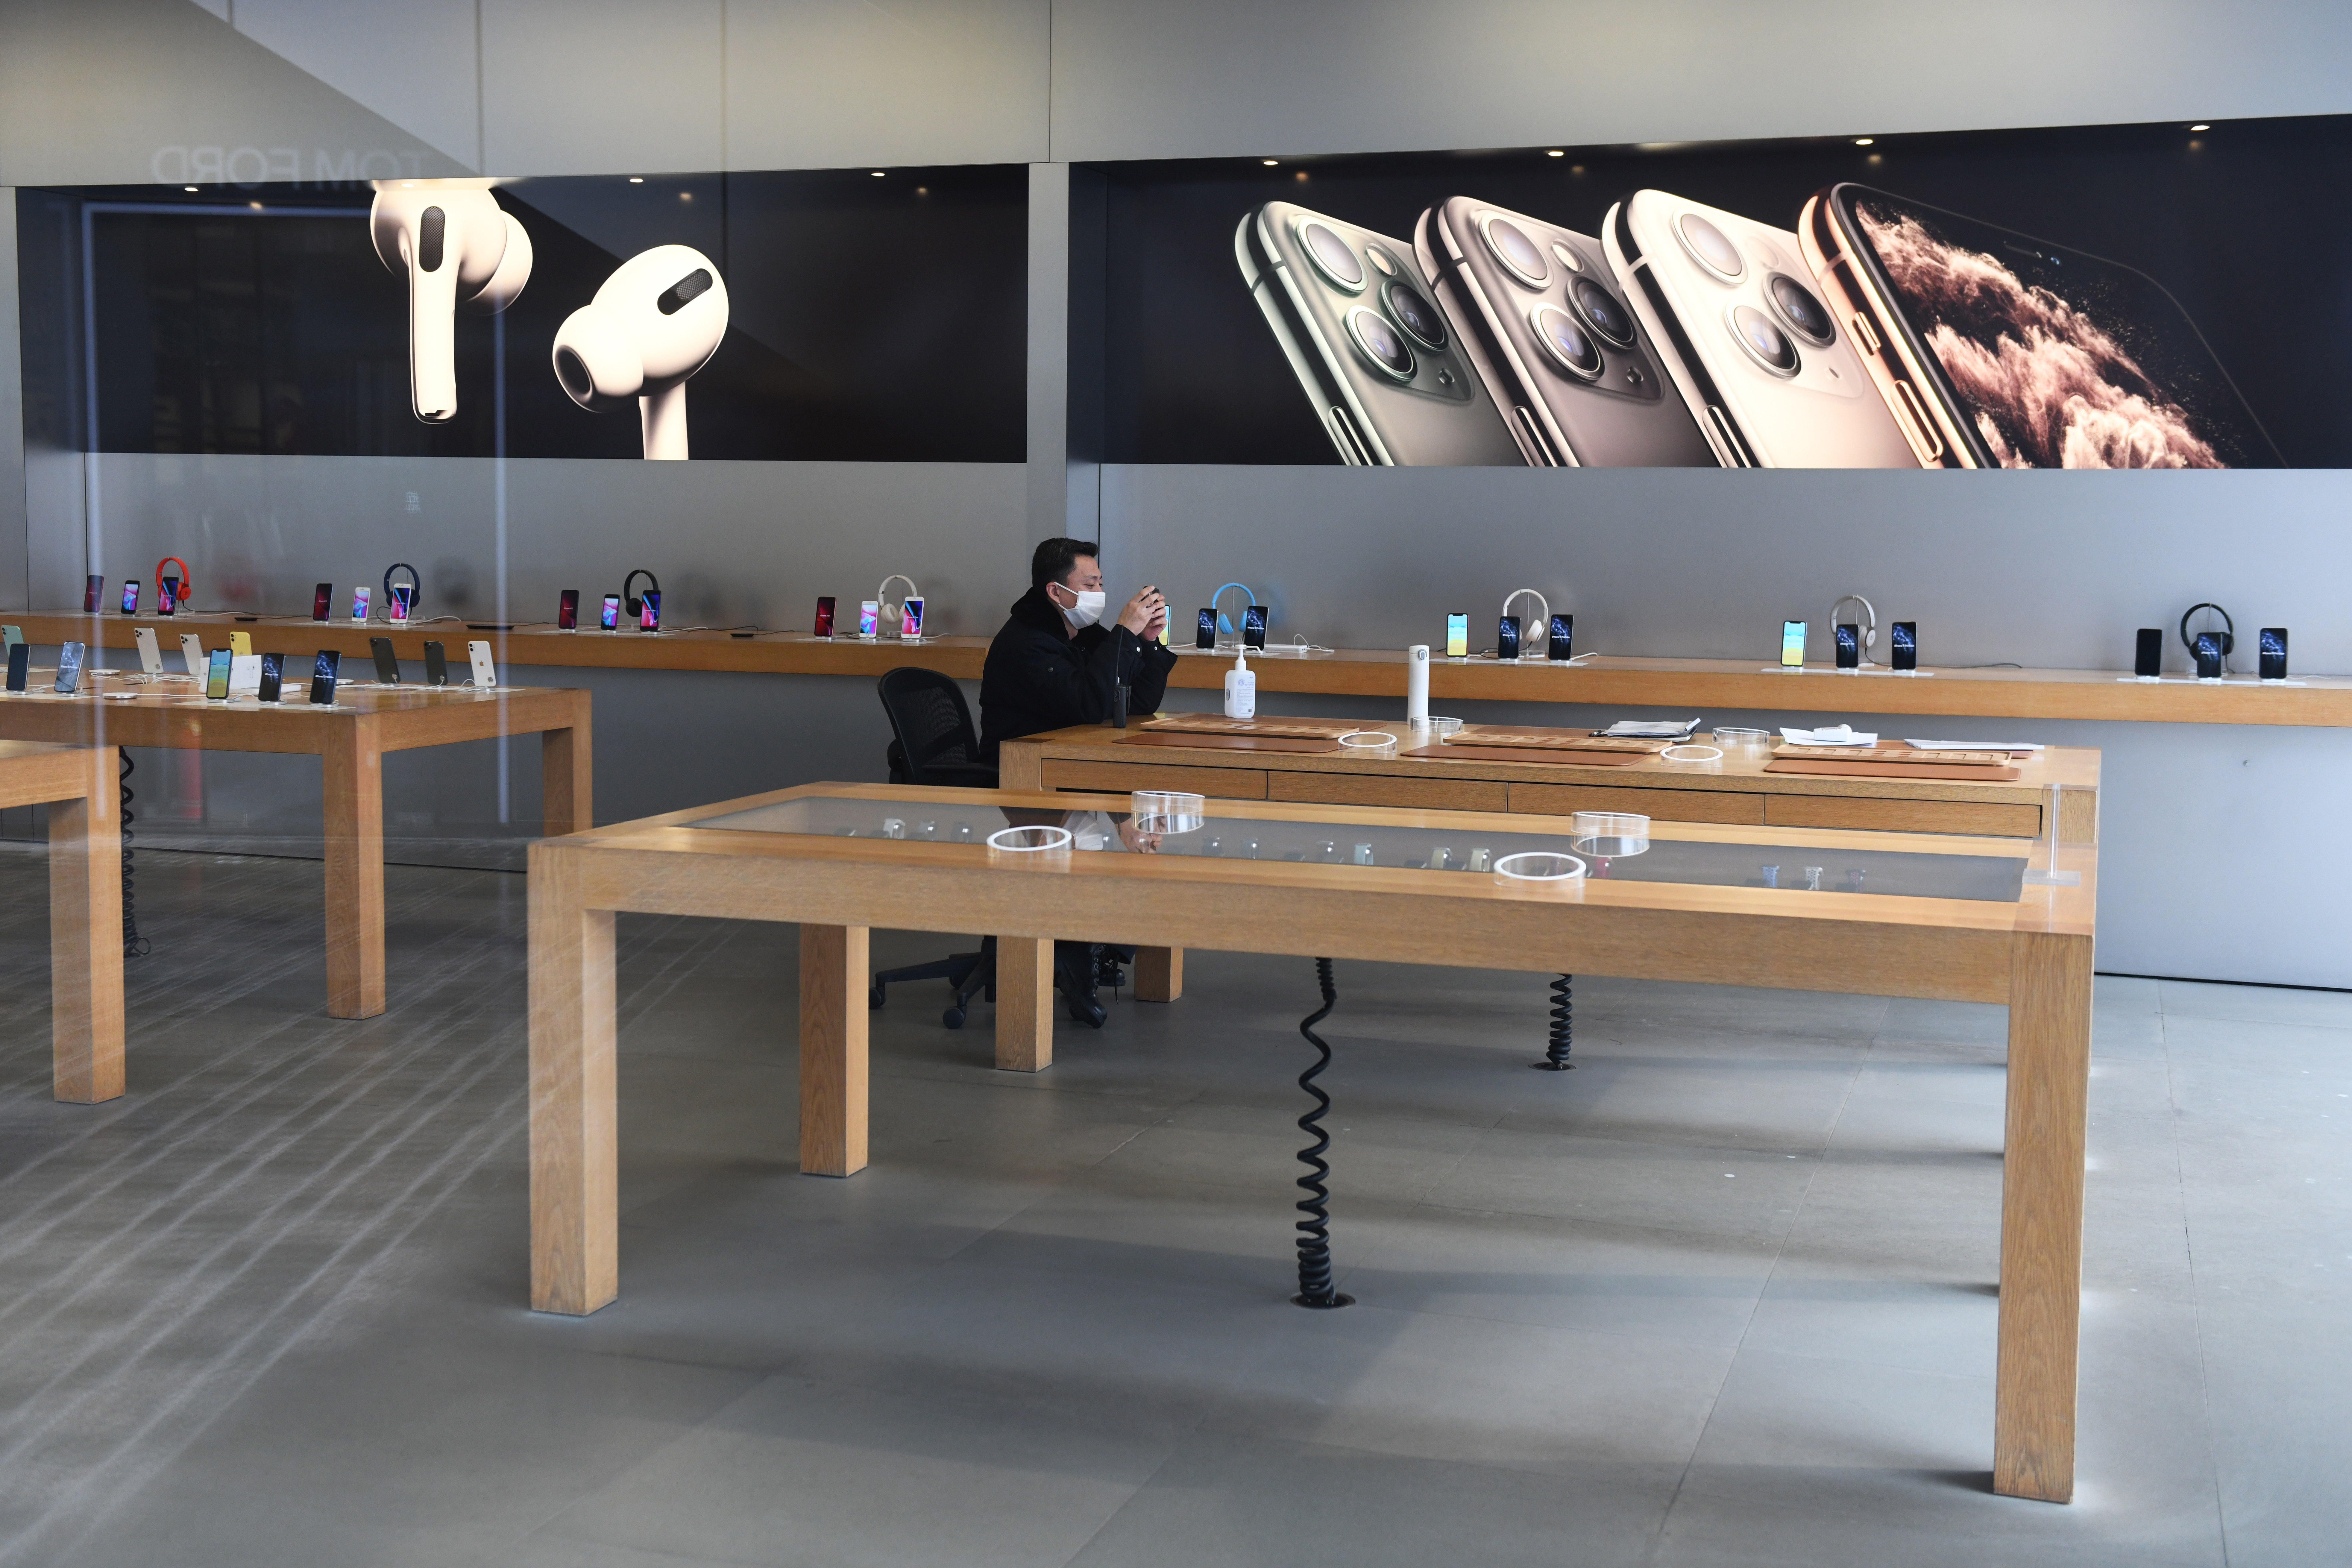 Bezárja a Kínán kívüli boltjait az Apple